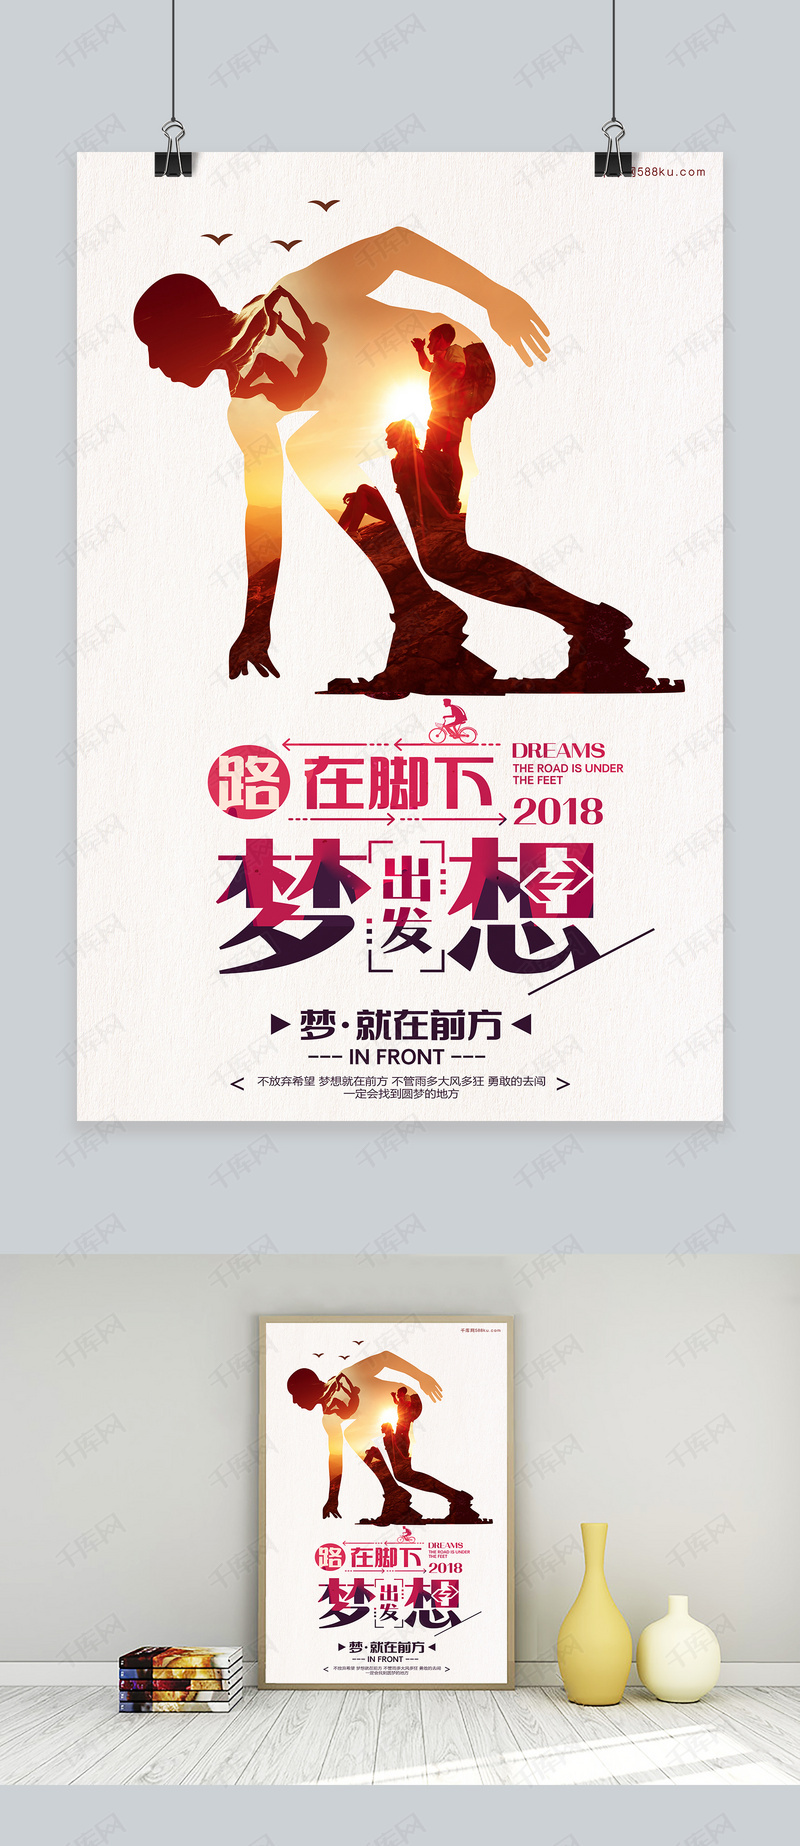 千库网原创企业文化海报